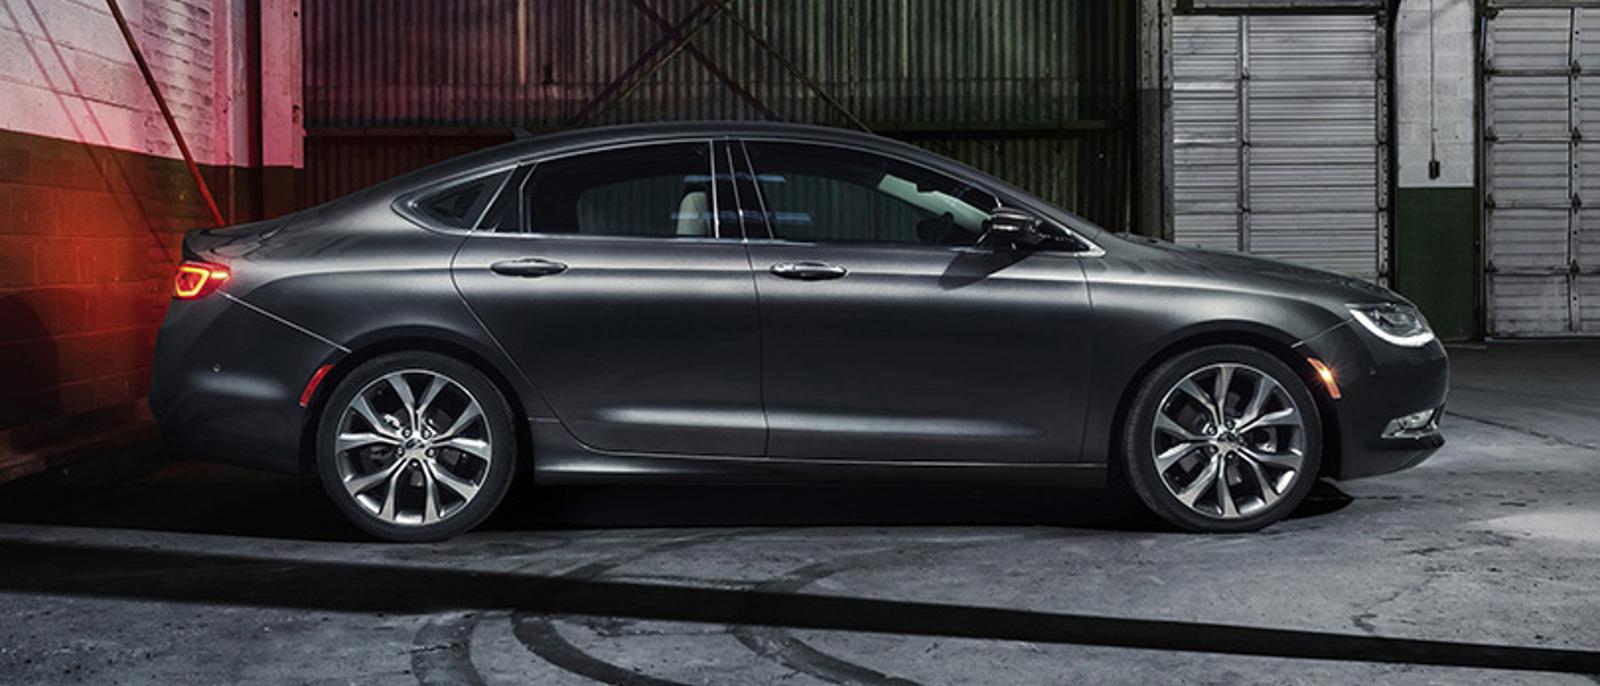 2015 Chrysler 200 Slider 5